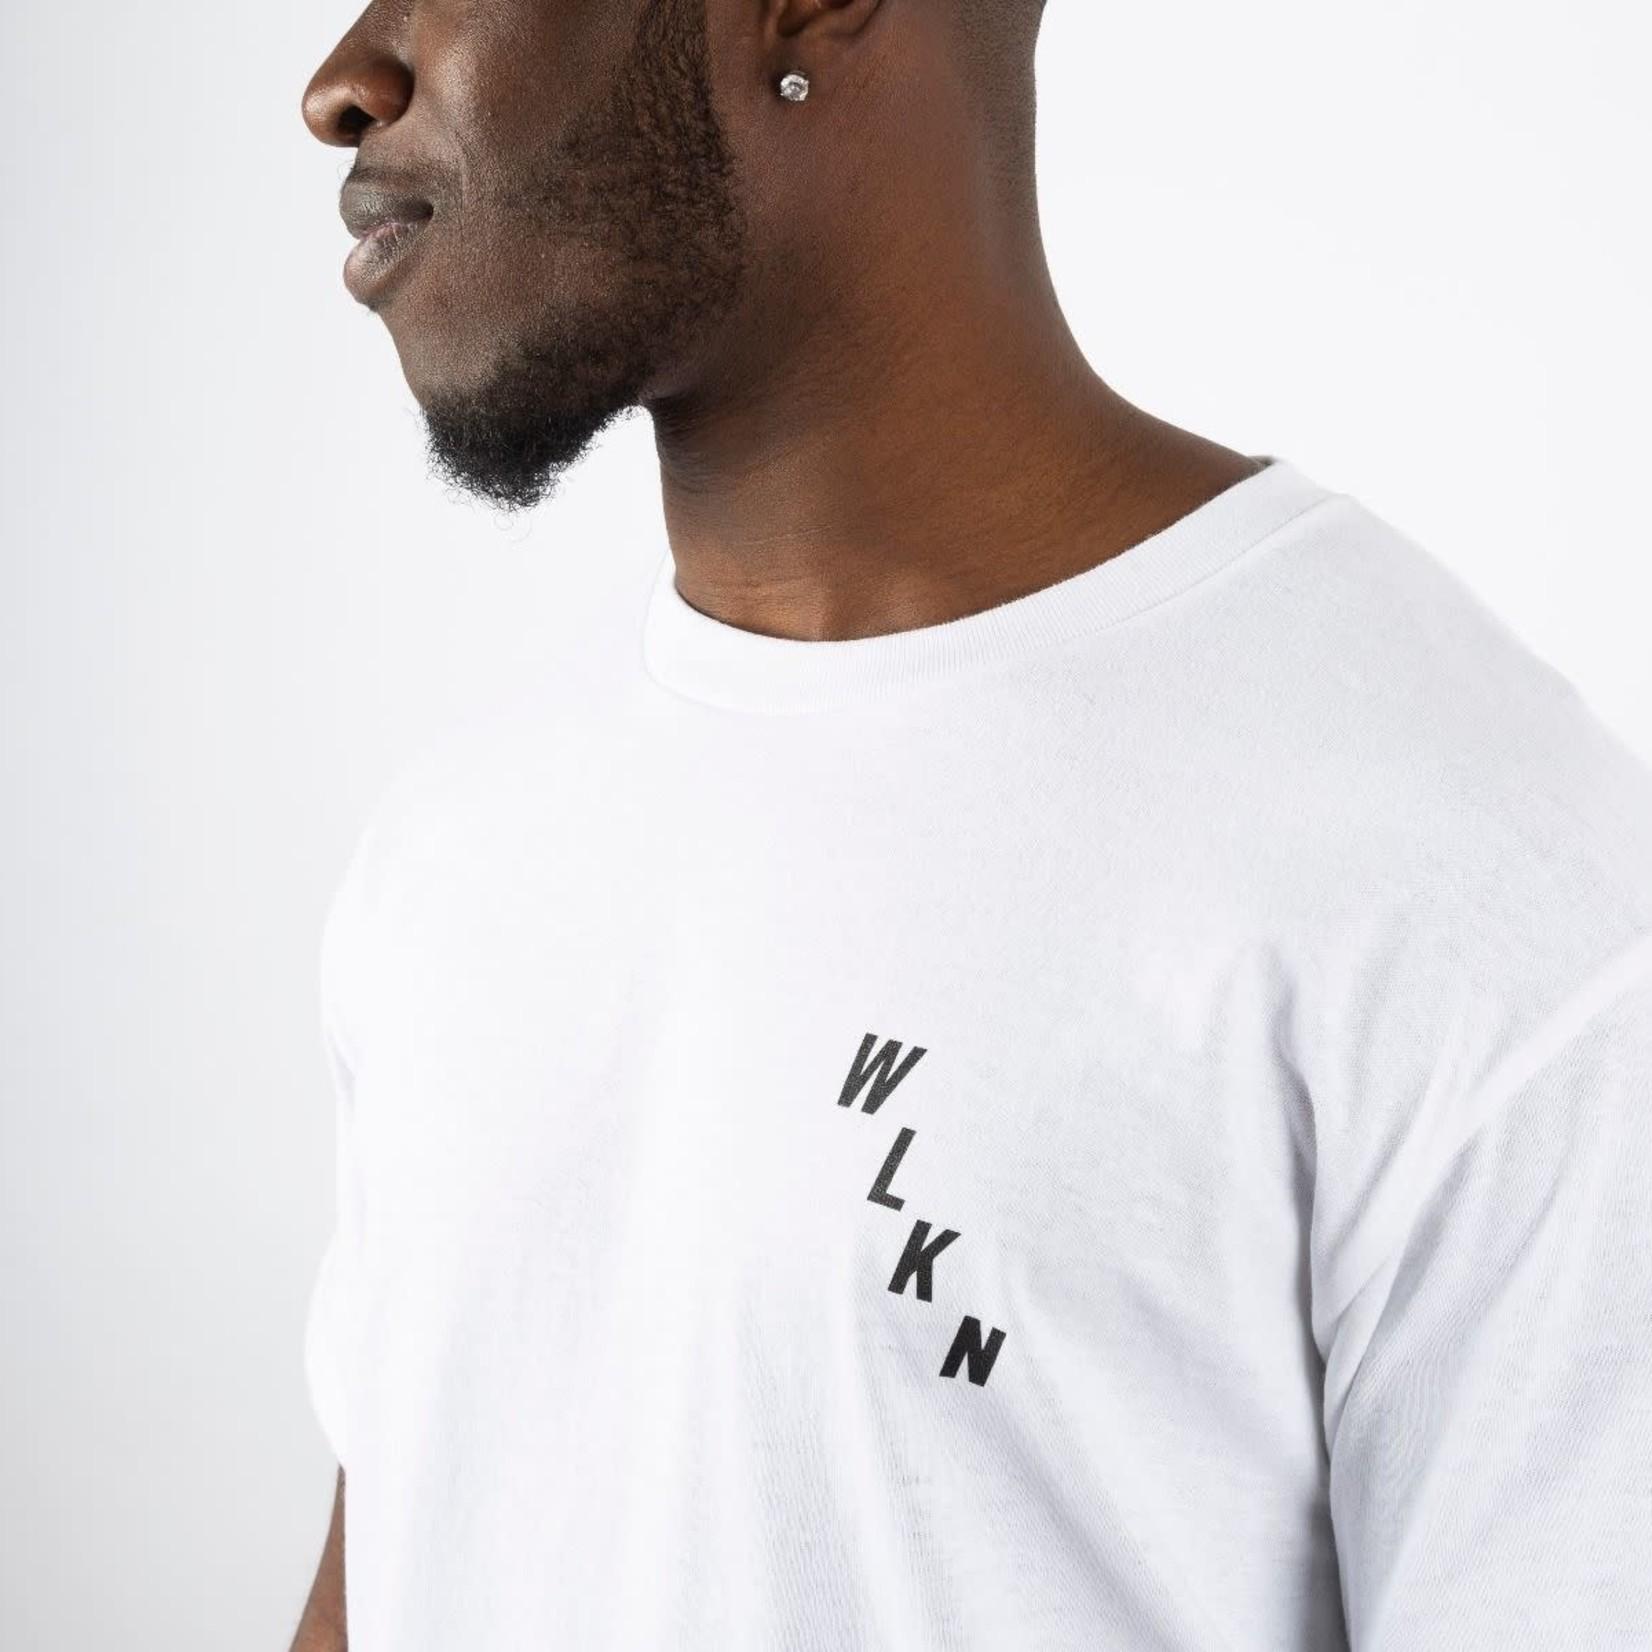 WLKN WLKN : The Score T-Shirt